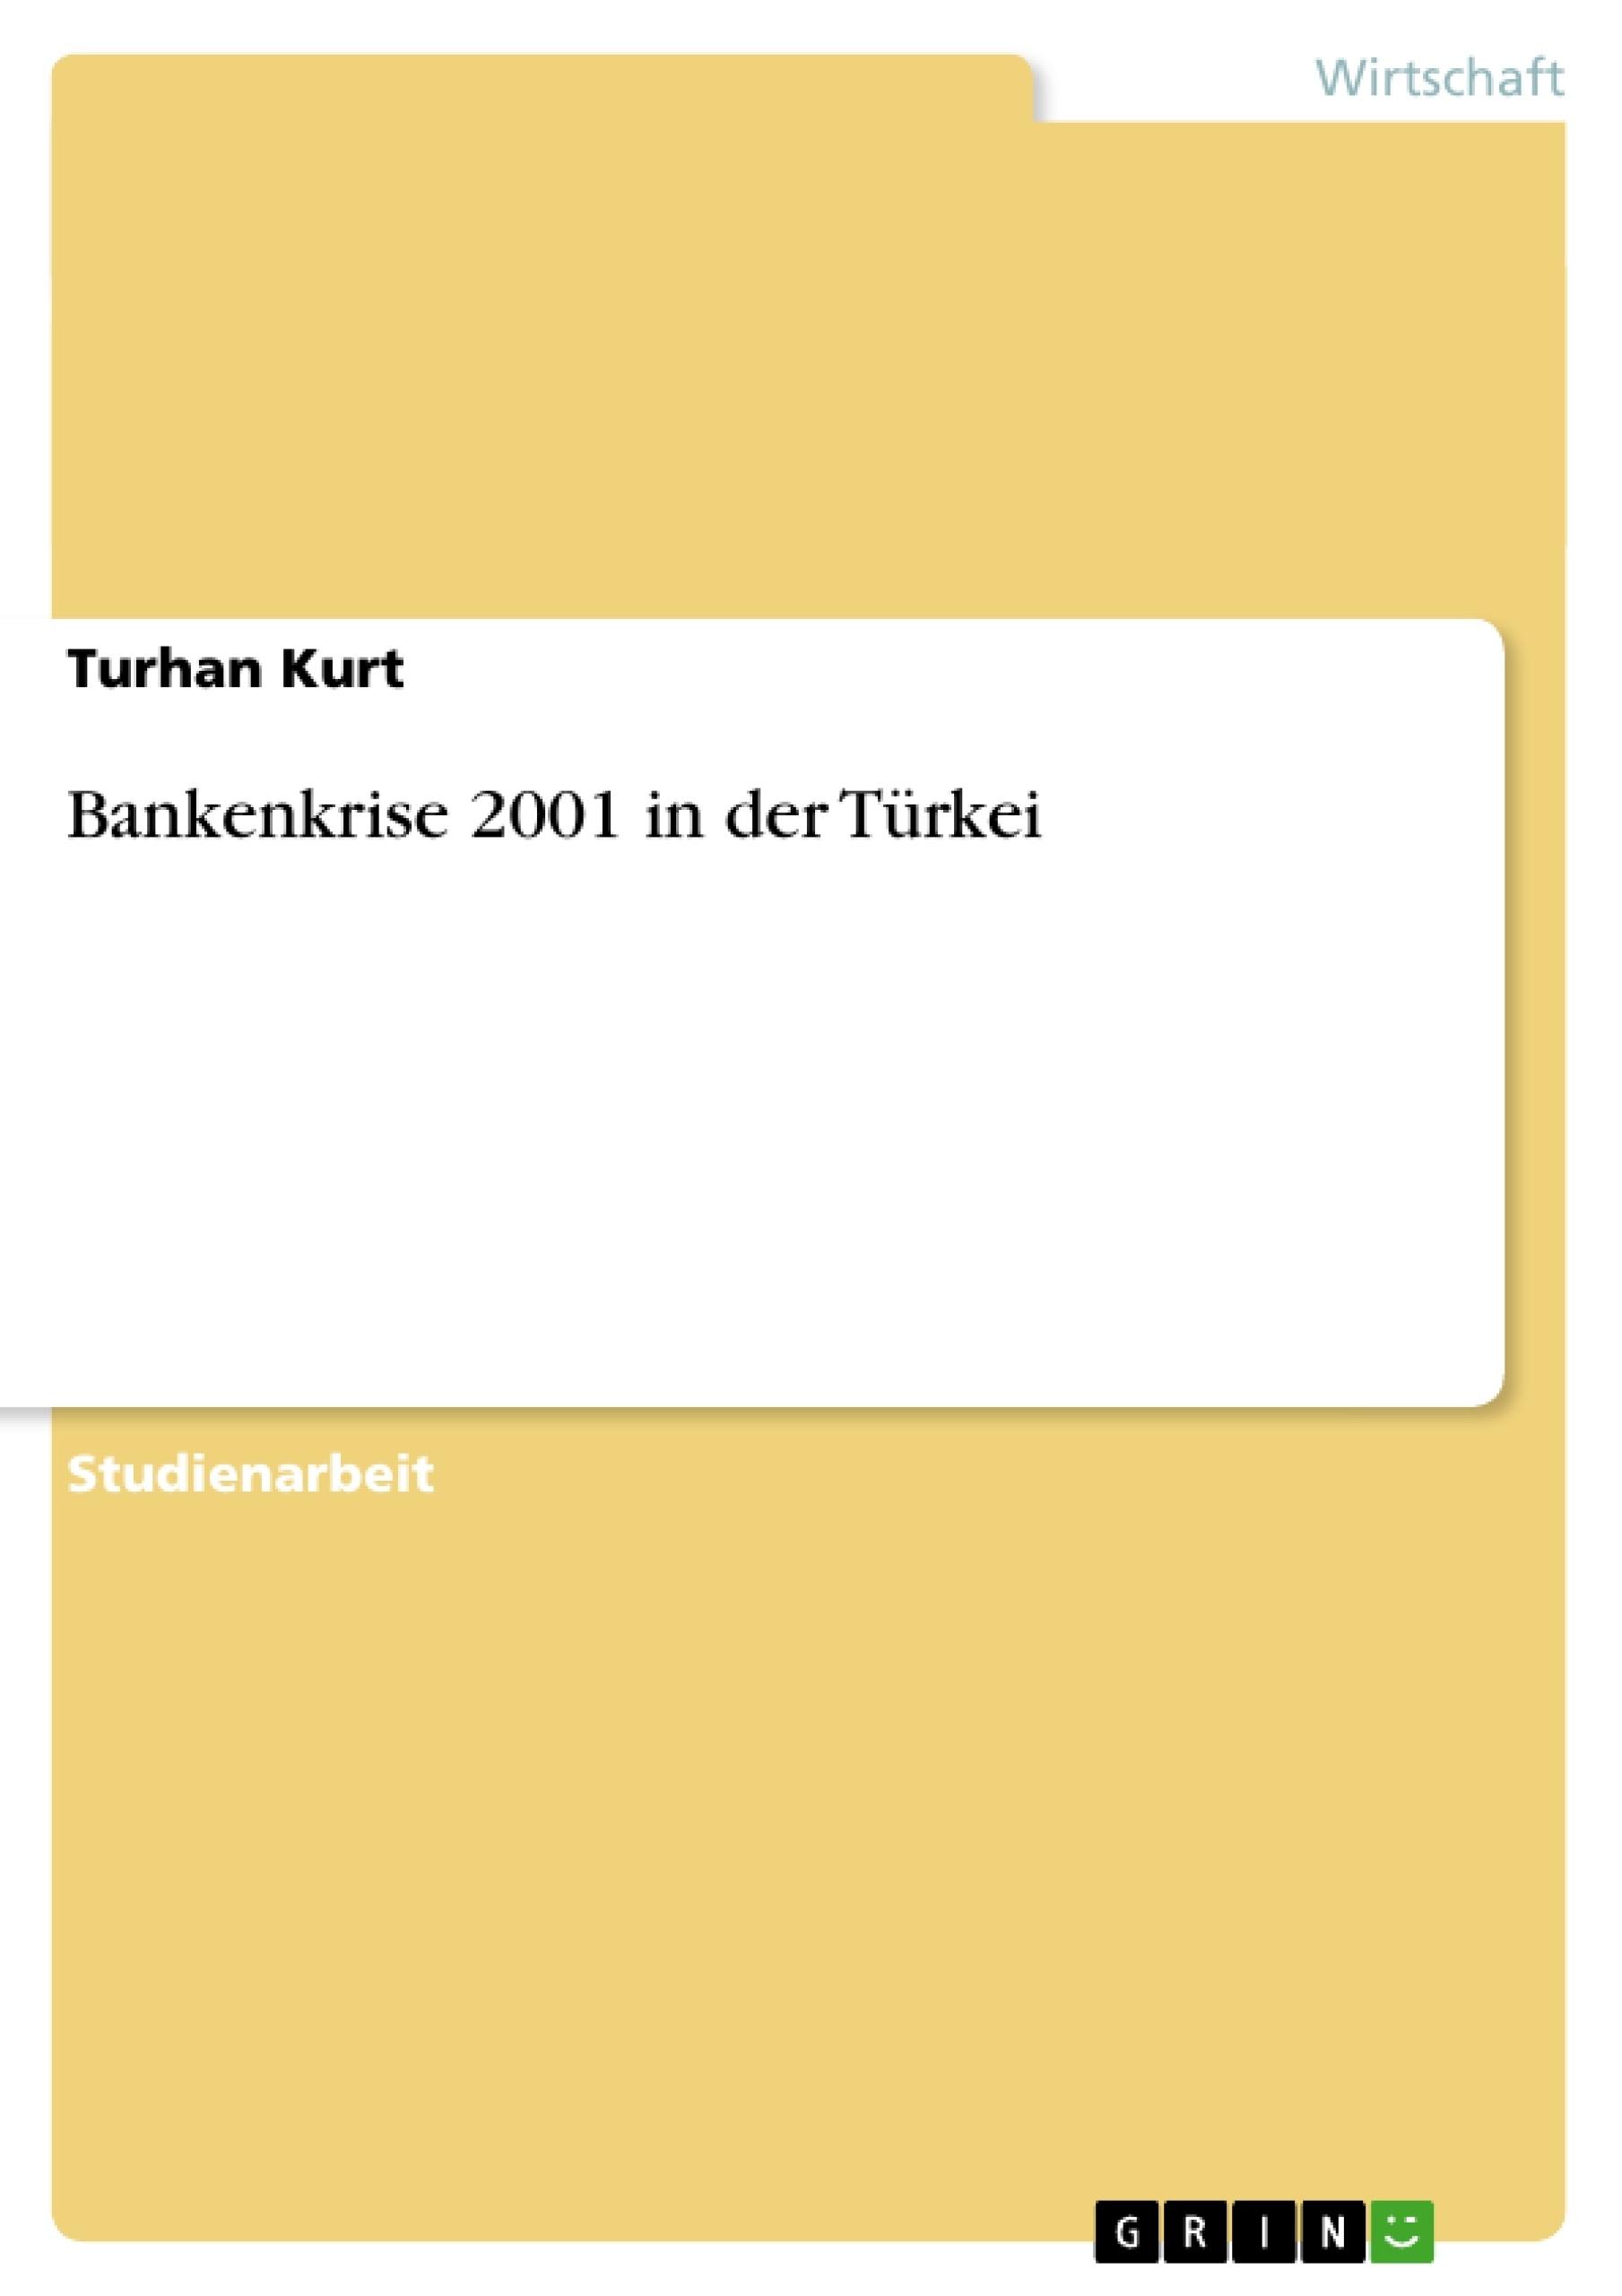 Titel: Bankenkrise 2001 in der Türkei